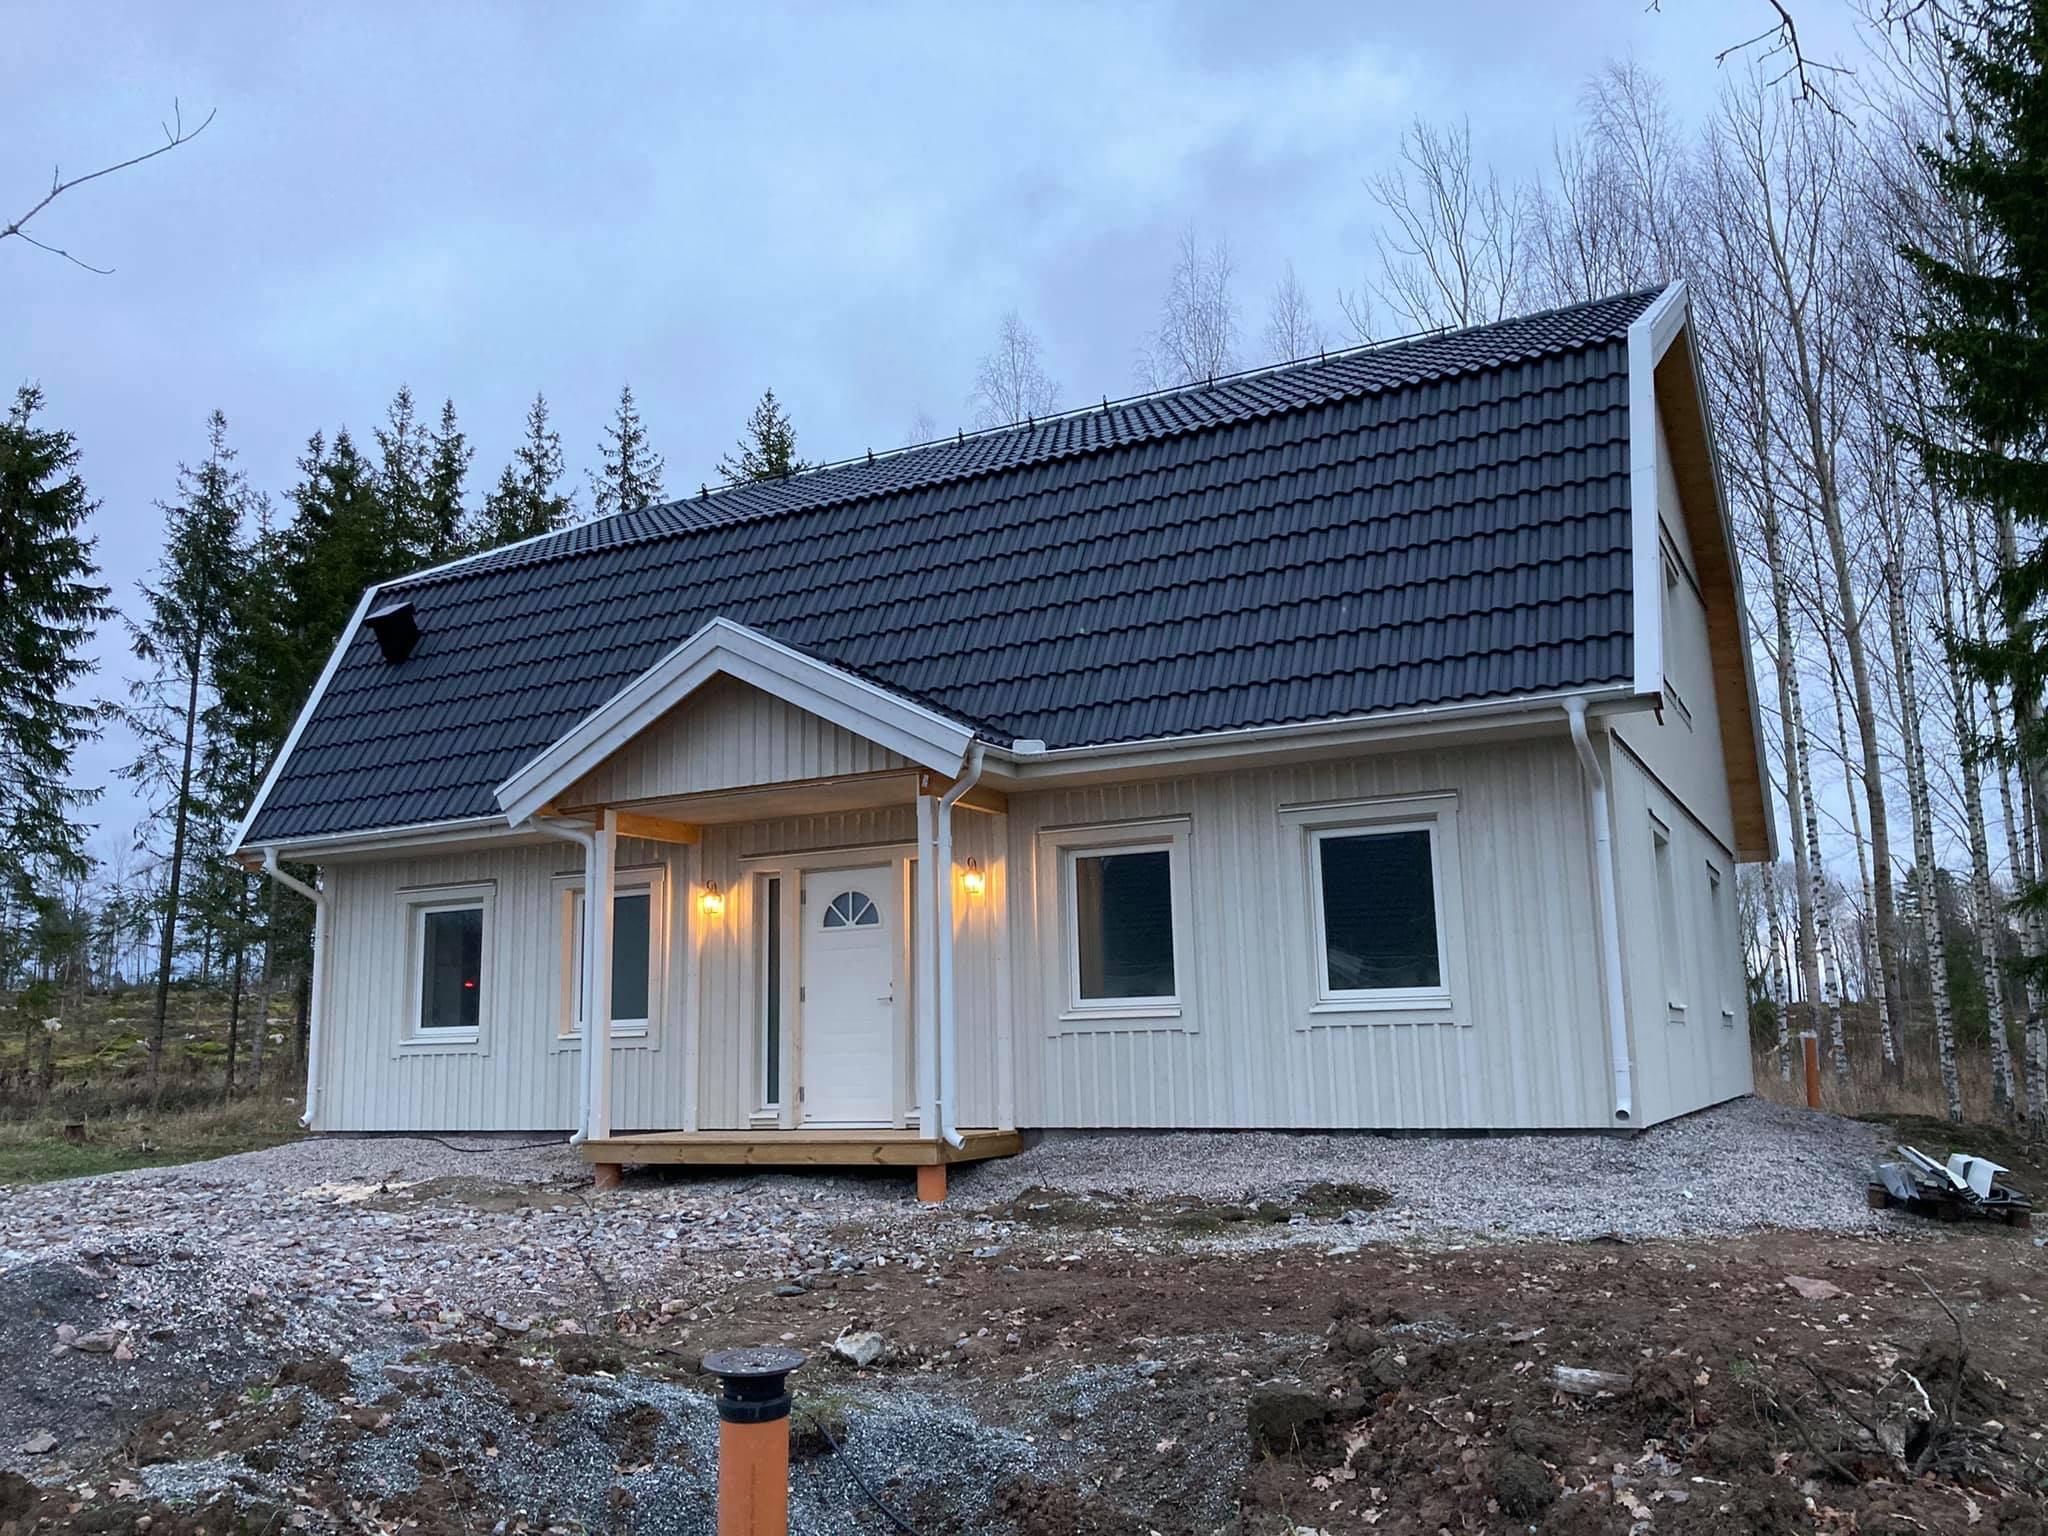 Bygga hus - Nybyggnation av hus i Sala 2021